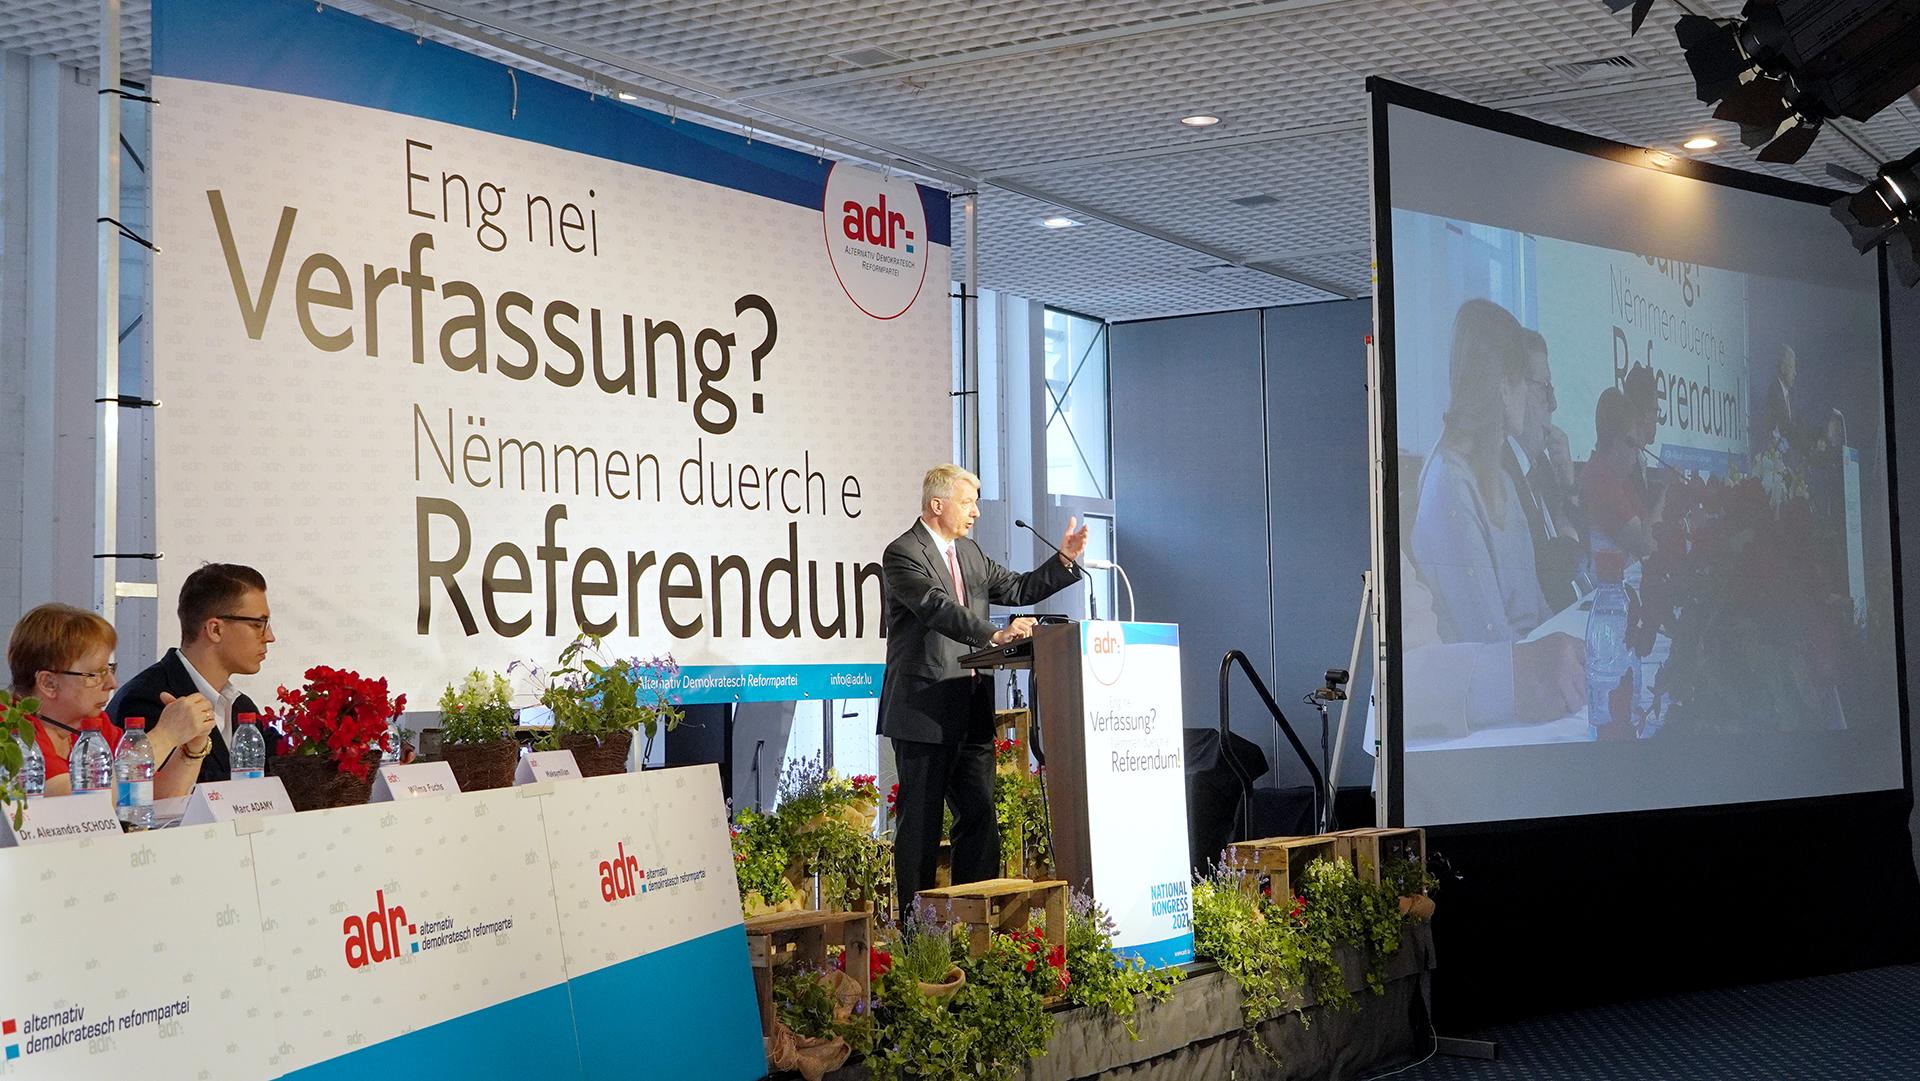 ADR Nationalkongress 2021 ënnert dem Motto: Eng nei Verfassung? Nëmmen duerch e Referendum!